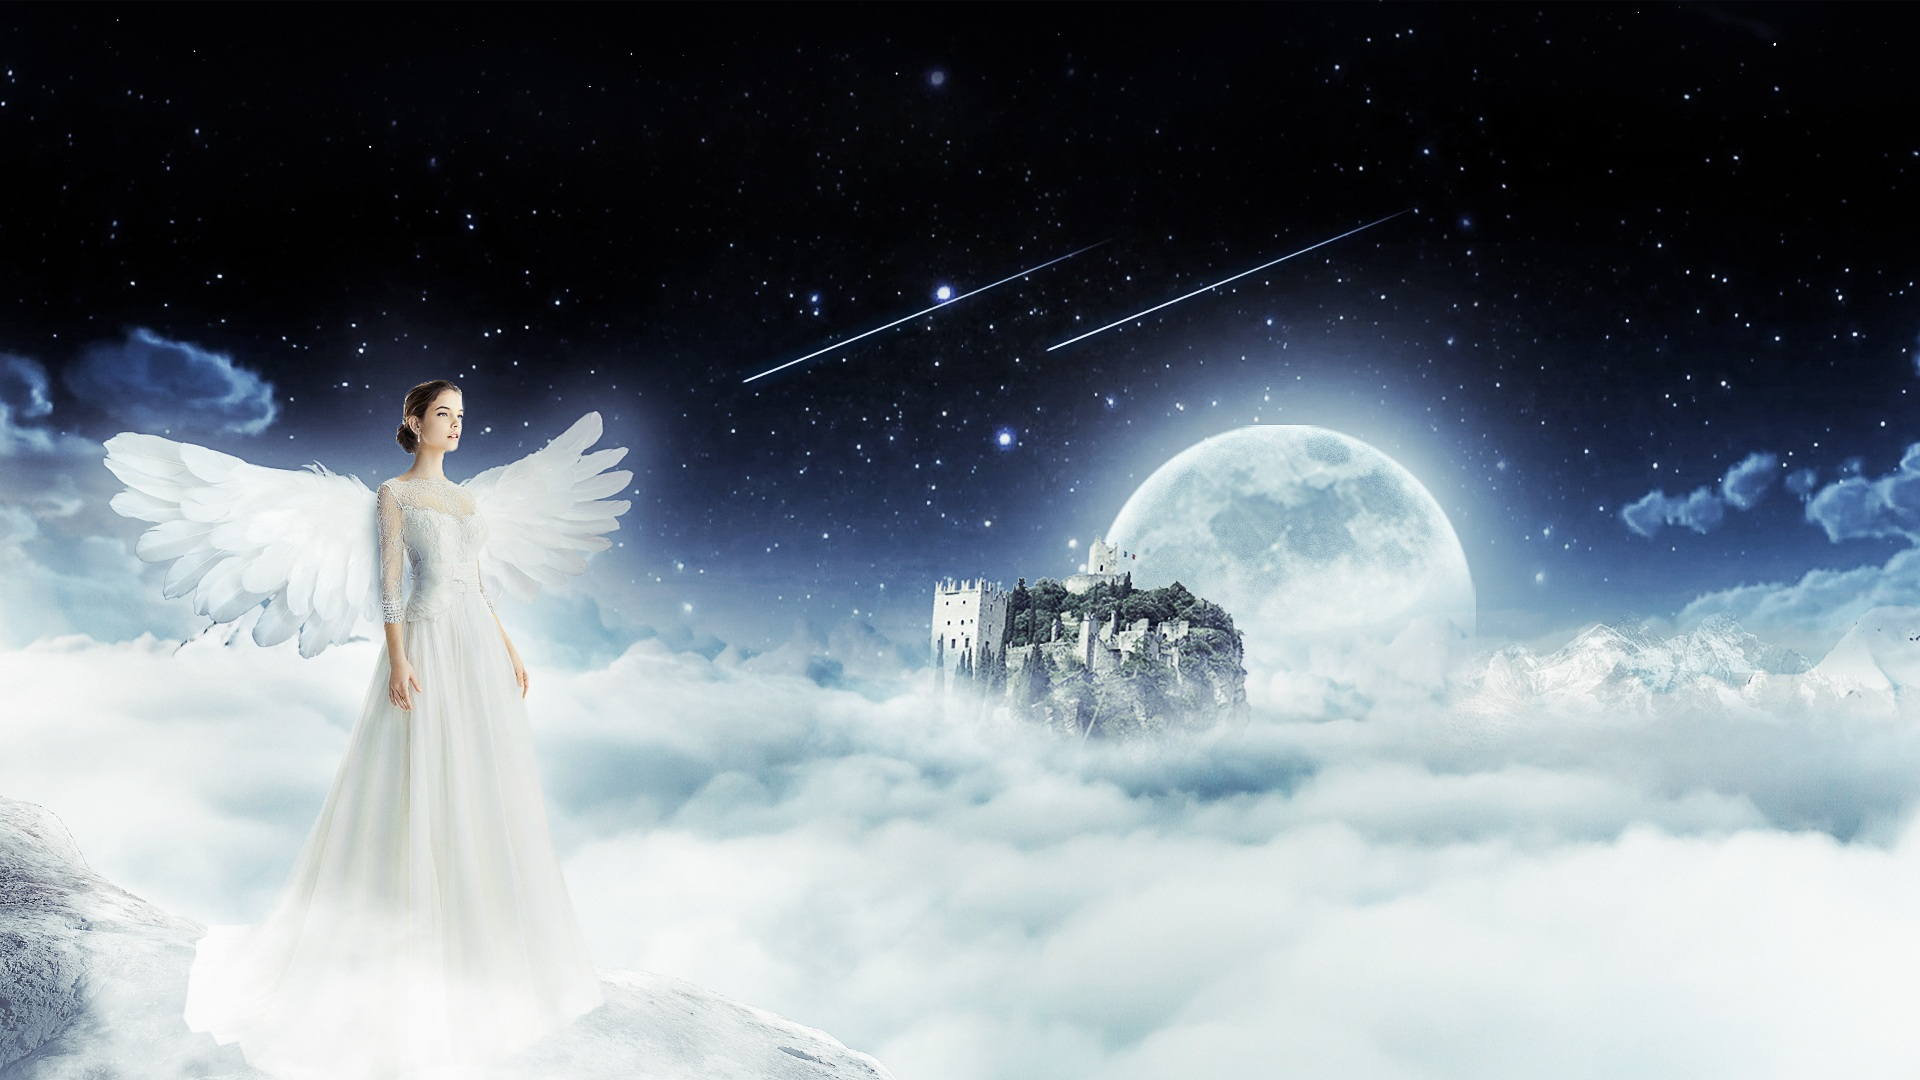 Ange, femme, Sky, nuages, Lune - Fonds d'écran HD - Professor-falken.com